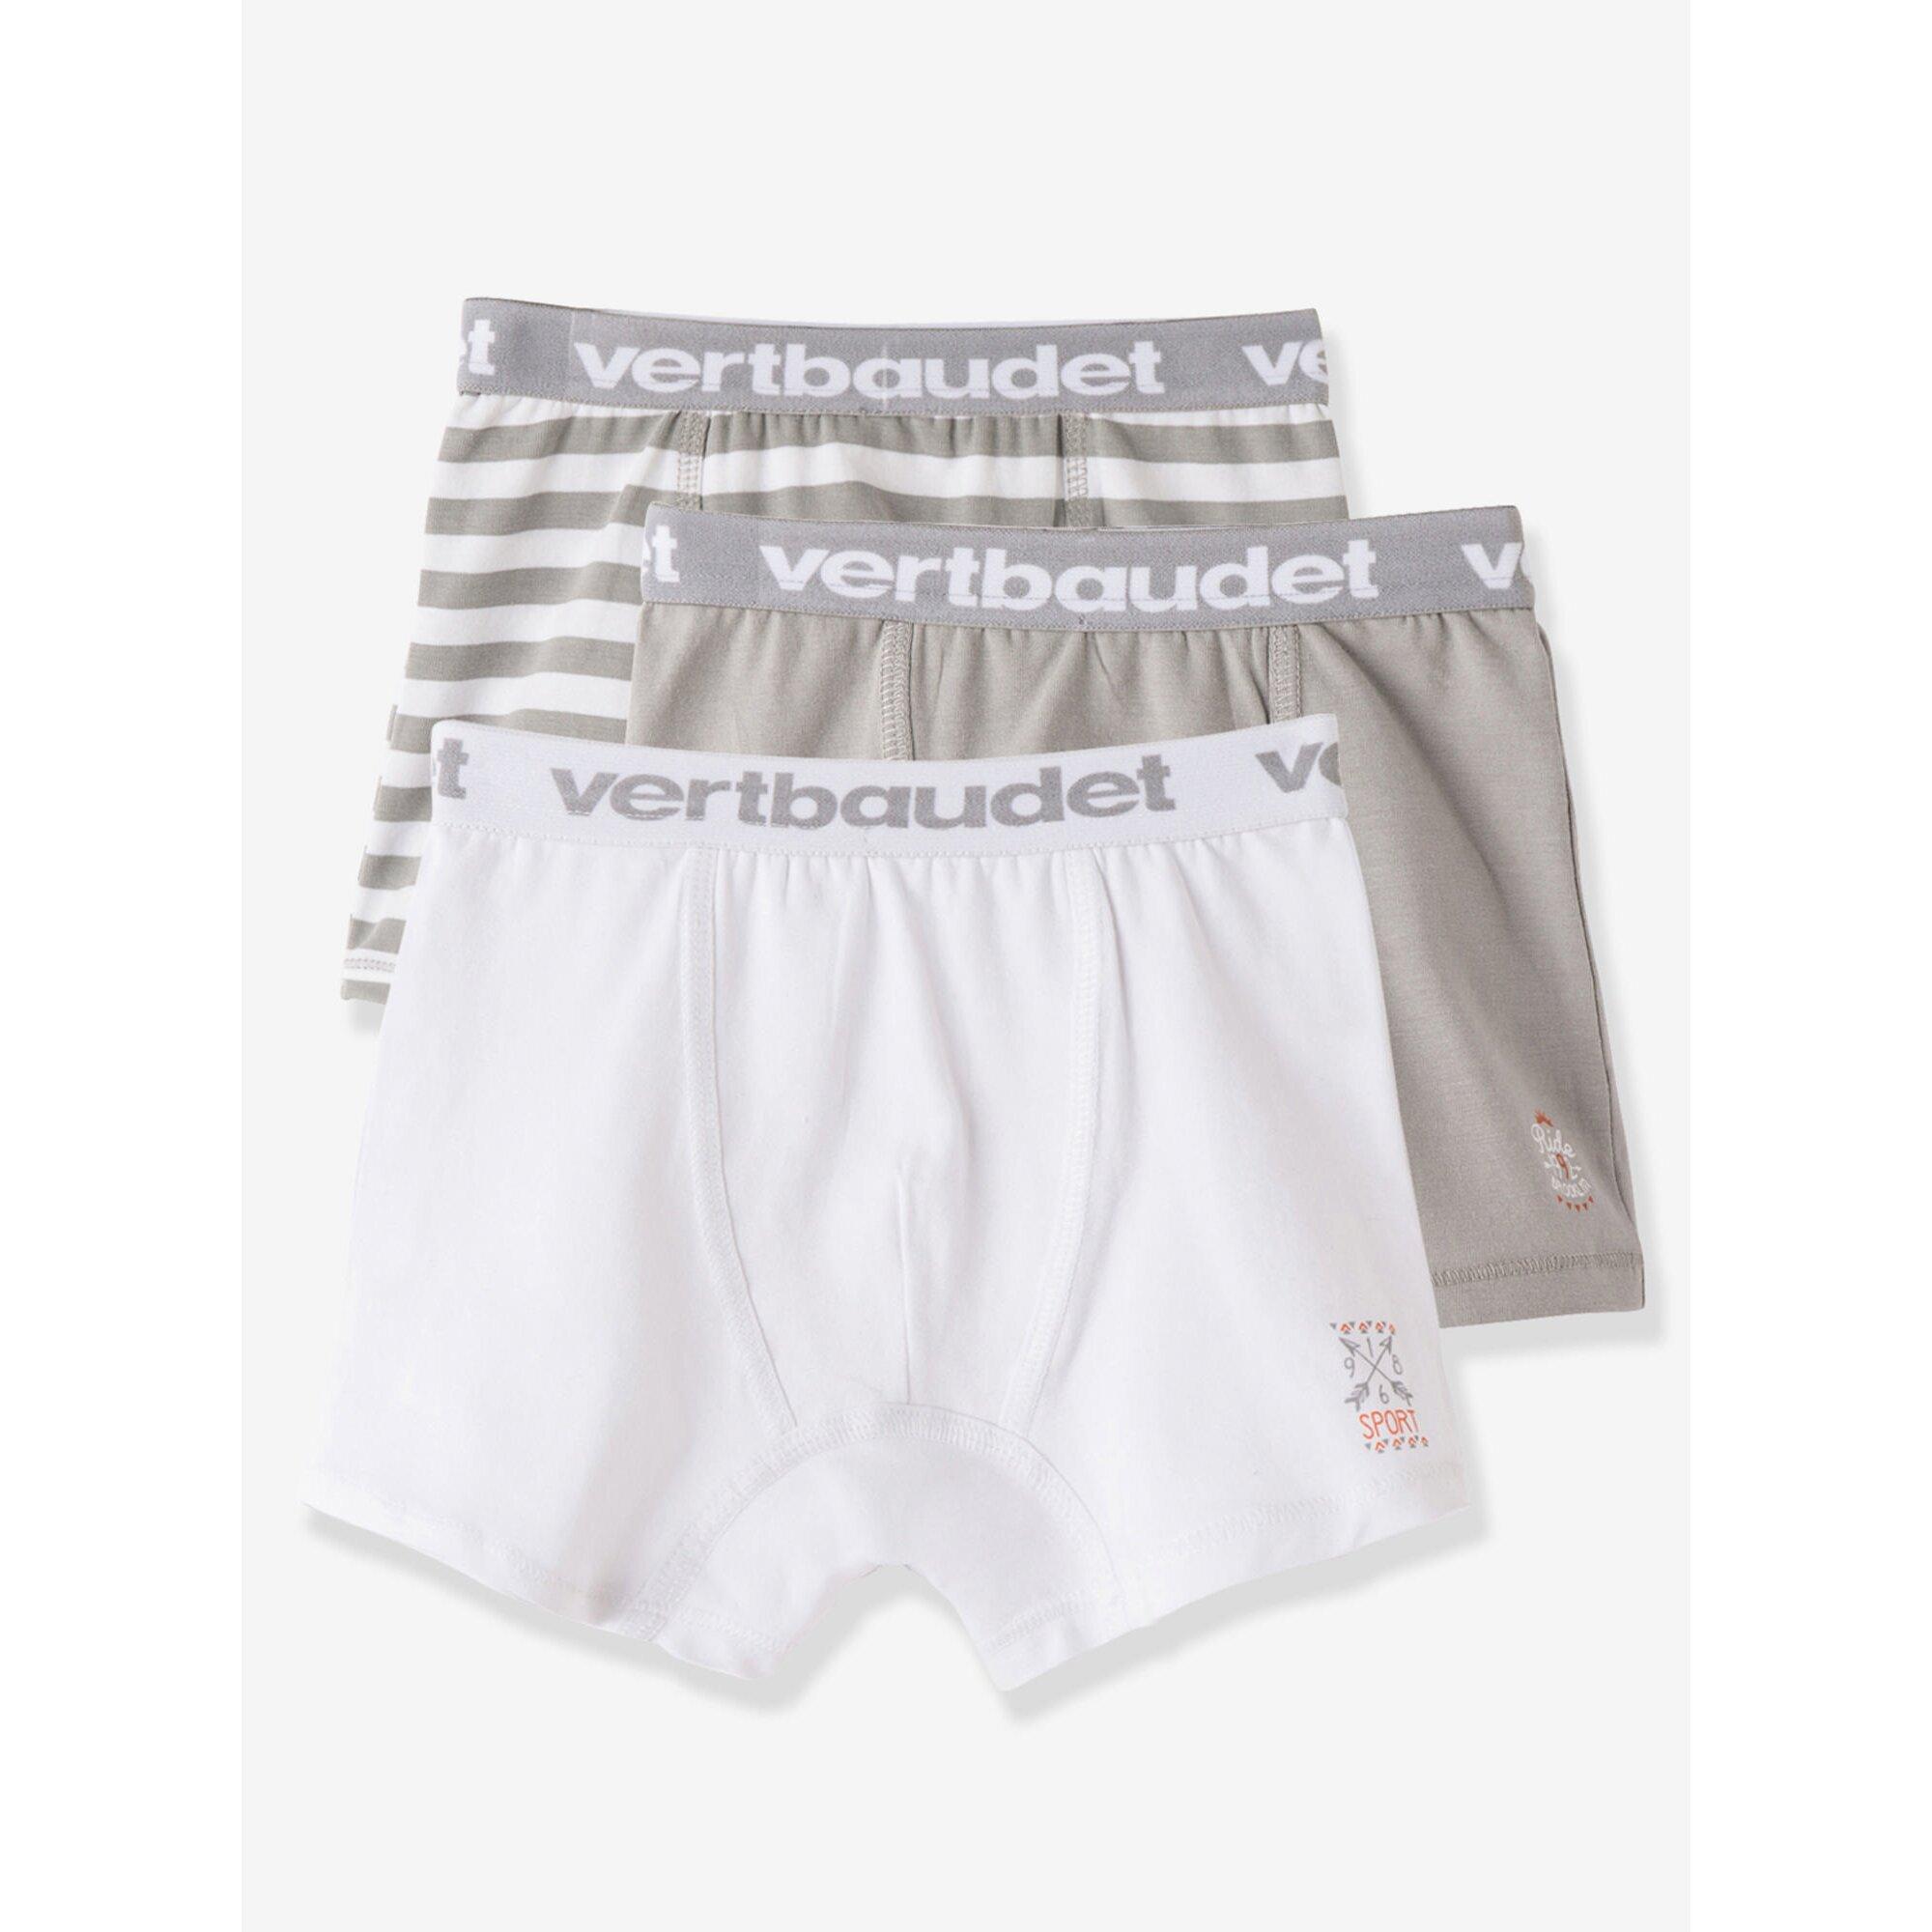 vertbaudet-3er-pack-boxershorts-jungen